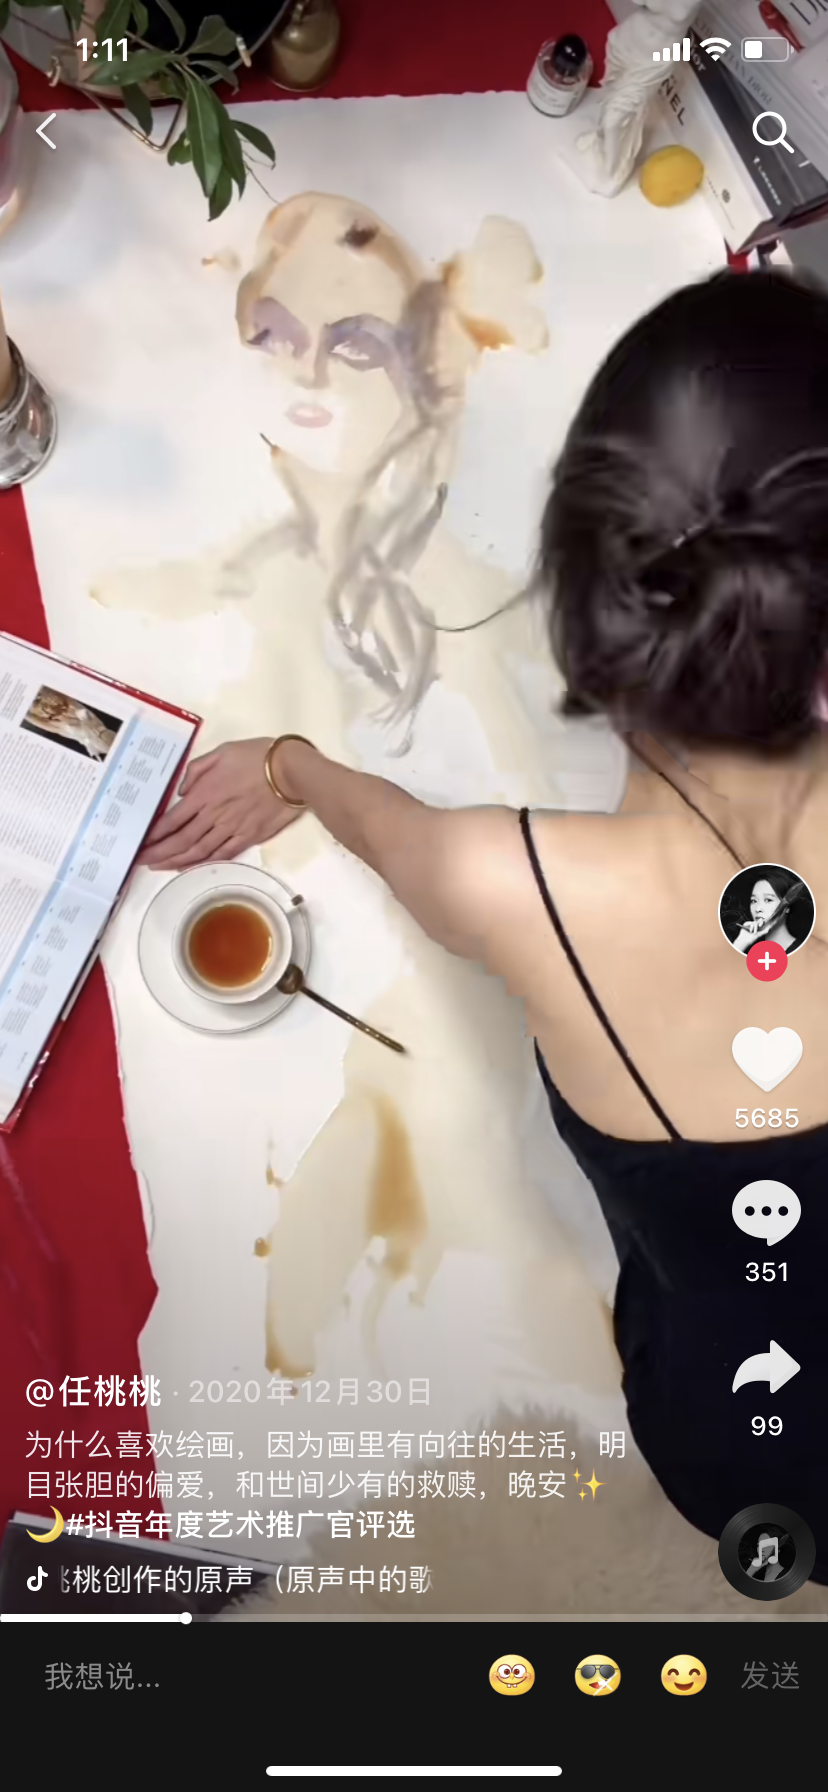 任桃桃用红酒咖啡泼墨技法画女人